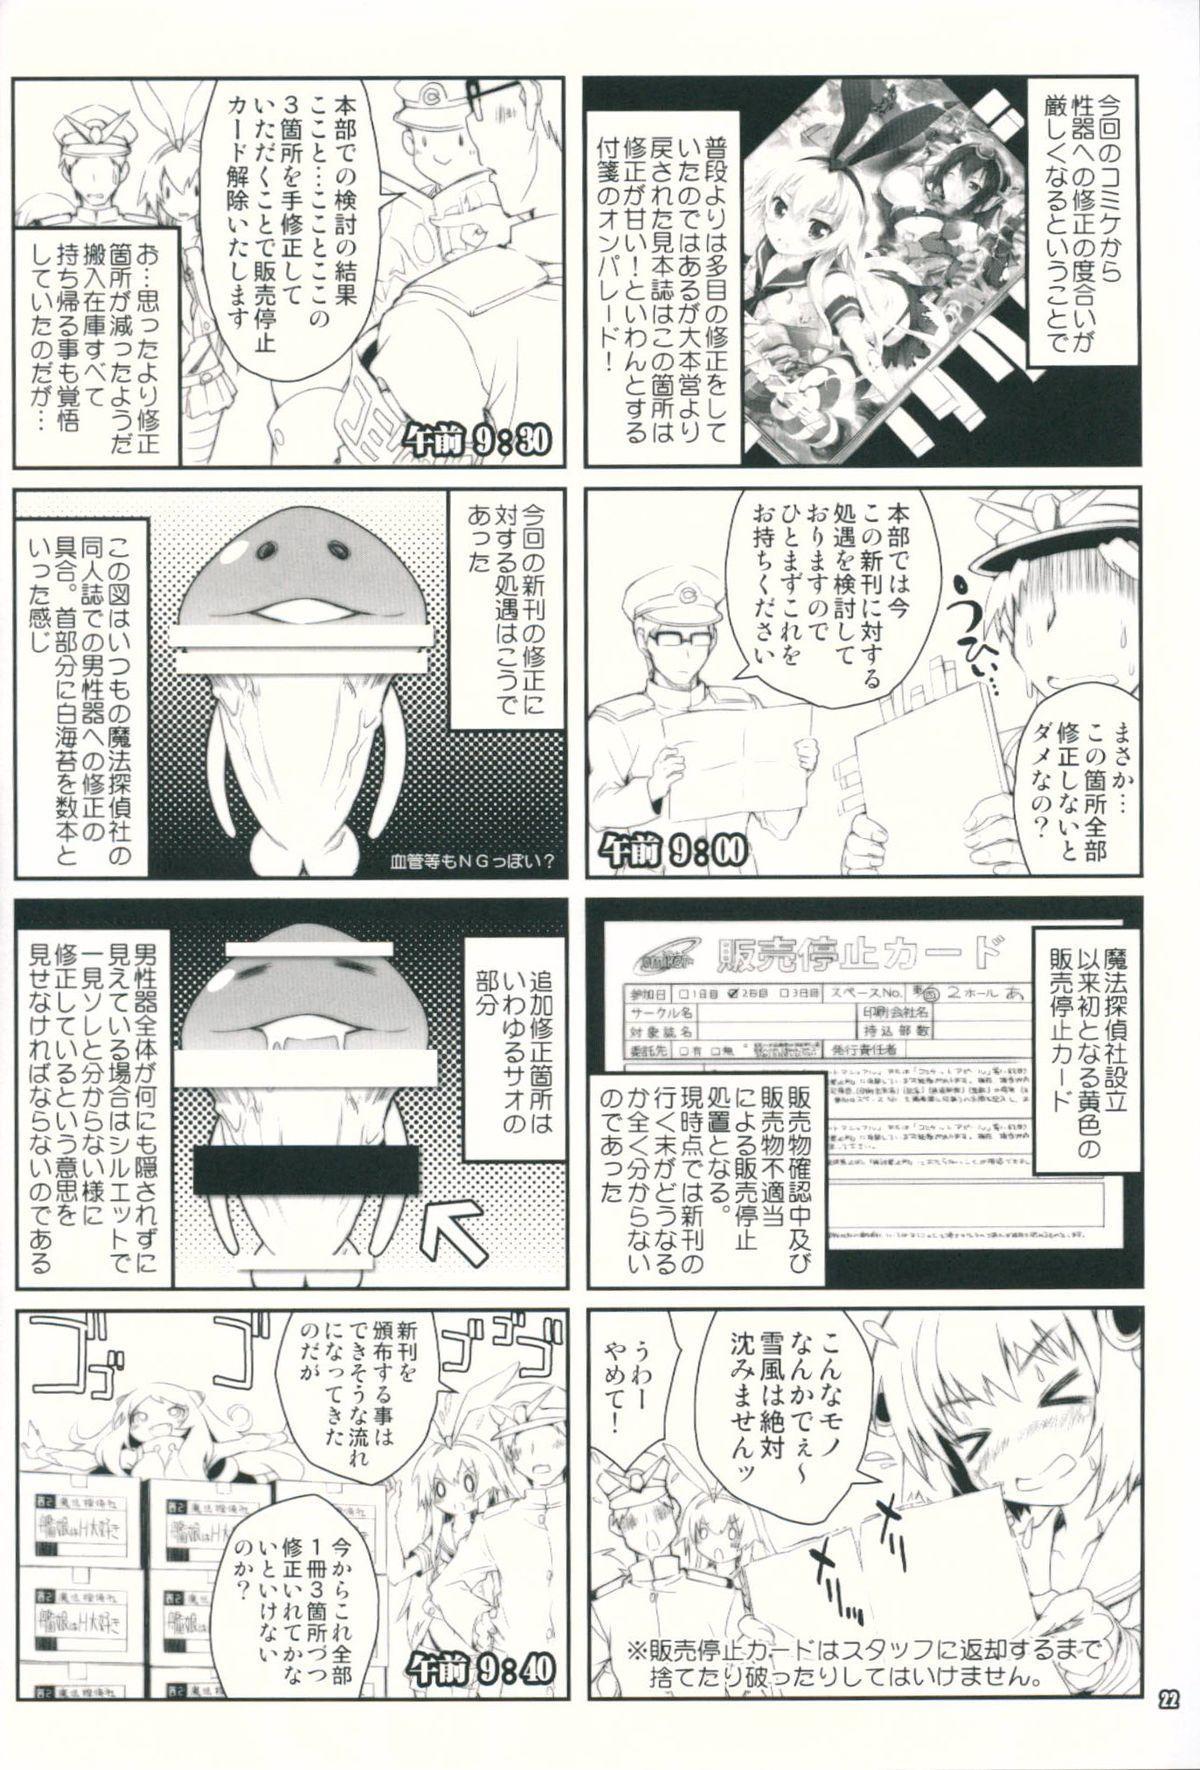 Kanmusu wa H Daisuki 3 Doko Fuku Shimakaze Amatsukaze 20